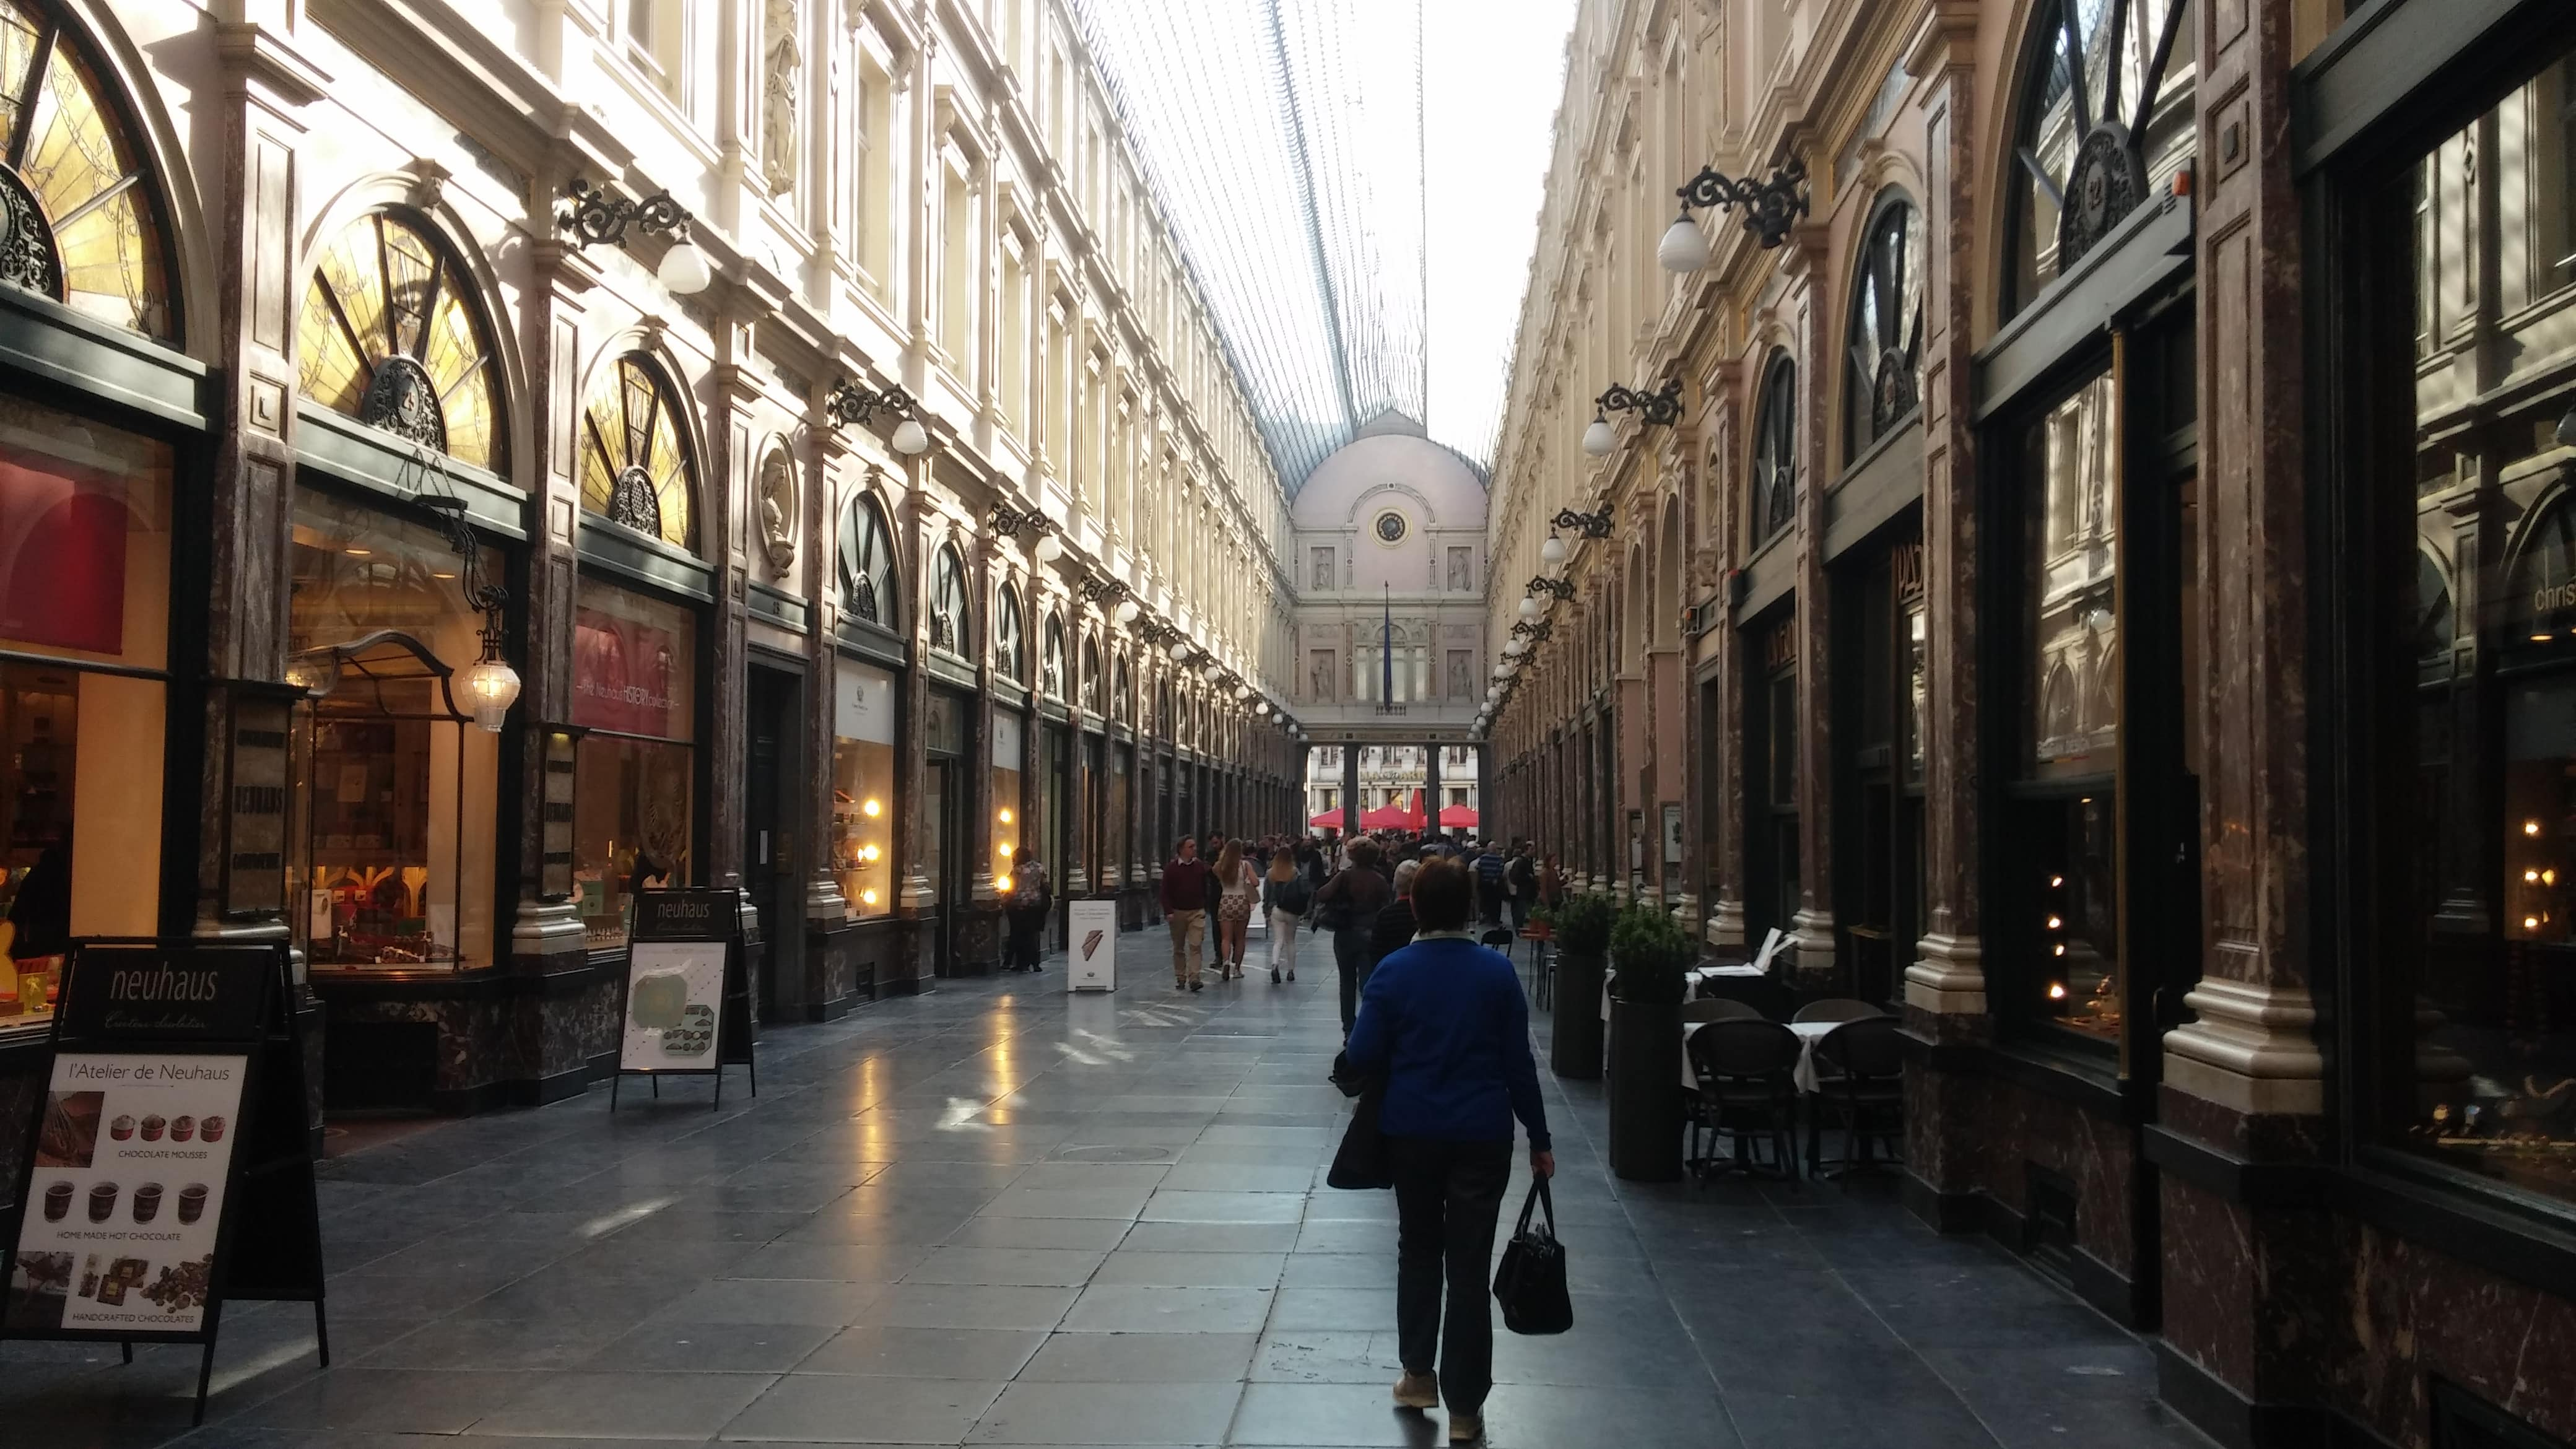 Galeria Royale - o que fazer em bruxelas